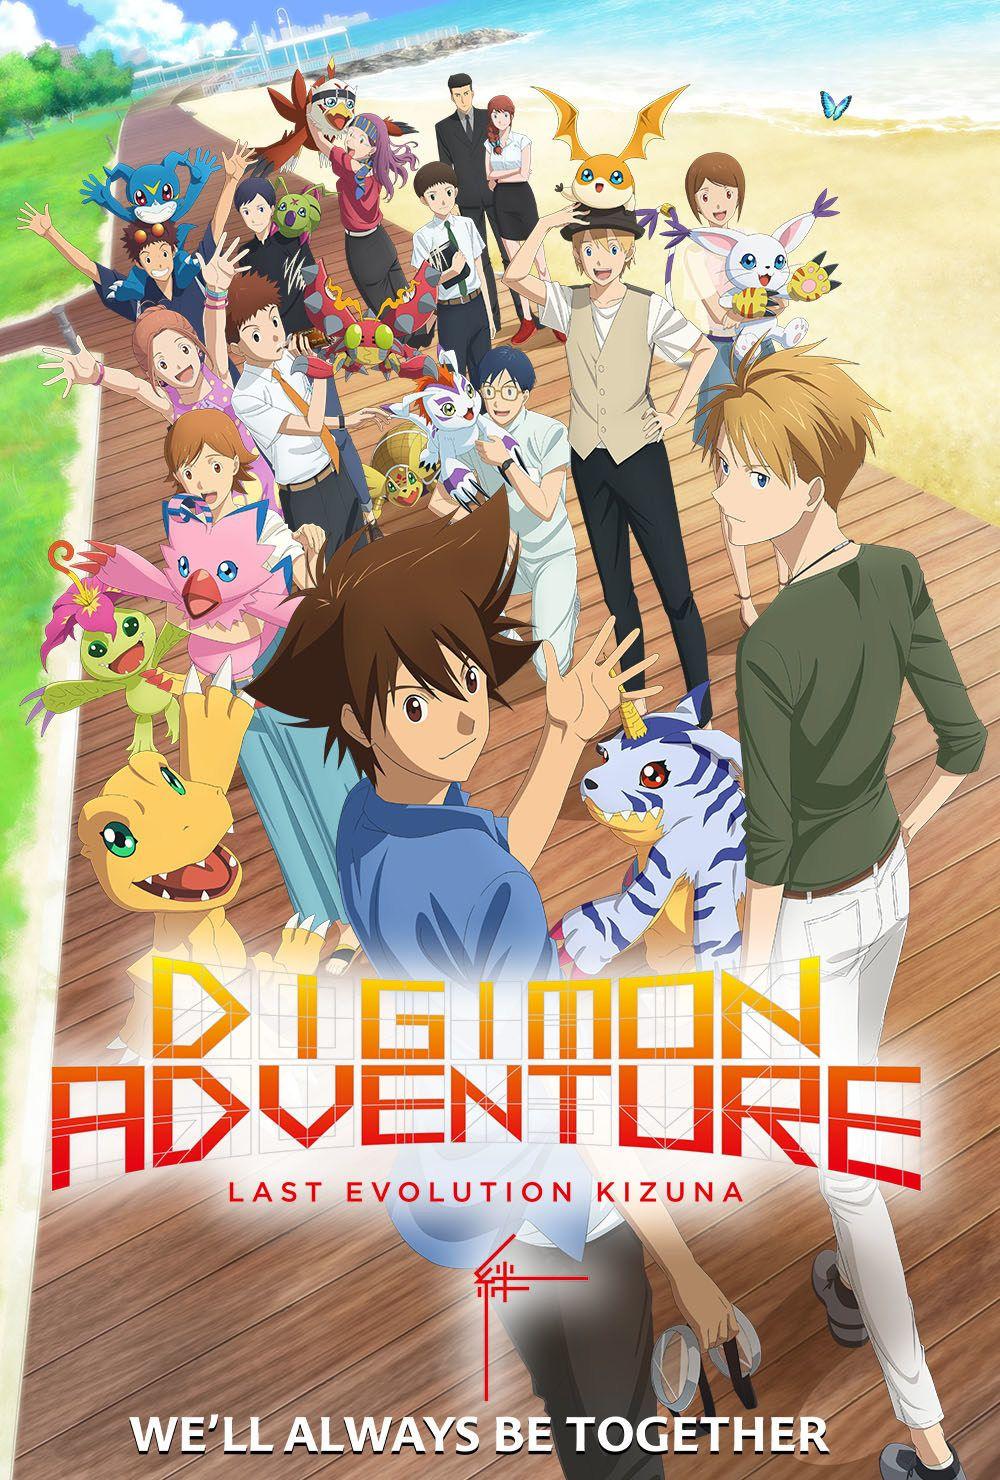 Descarga Digimon Adventure Last Evolution Kizuna Digimon Digimon Adventure Anime